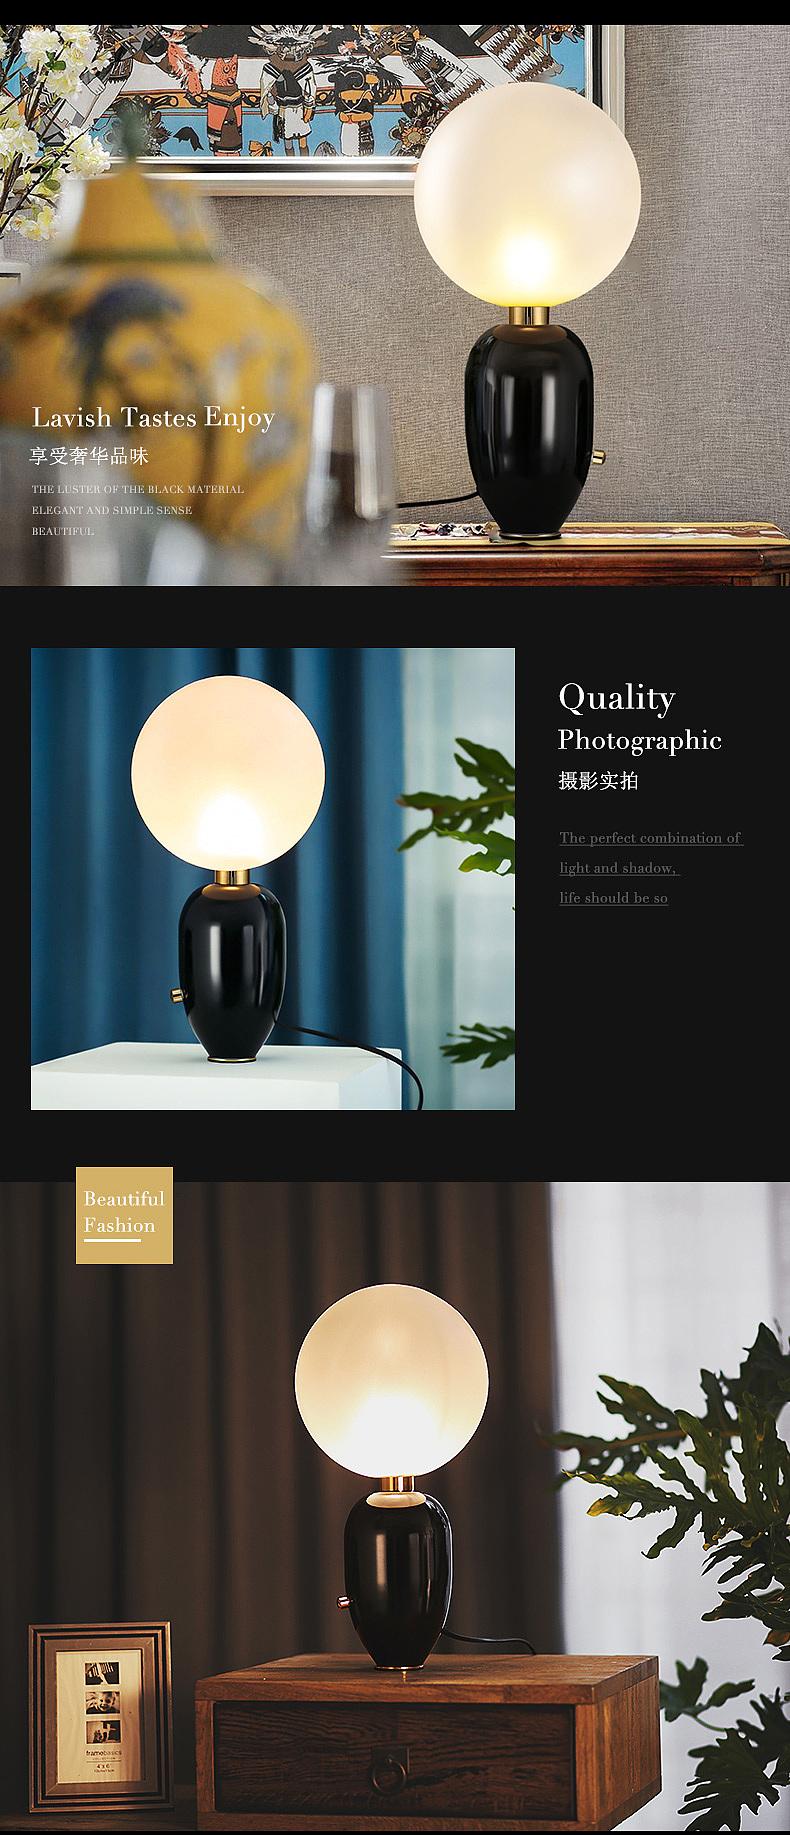 灯具黑色质感详情排版图片